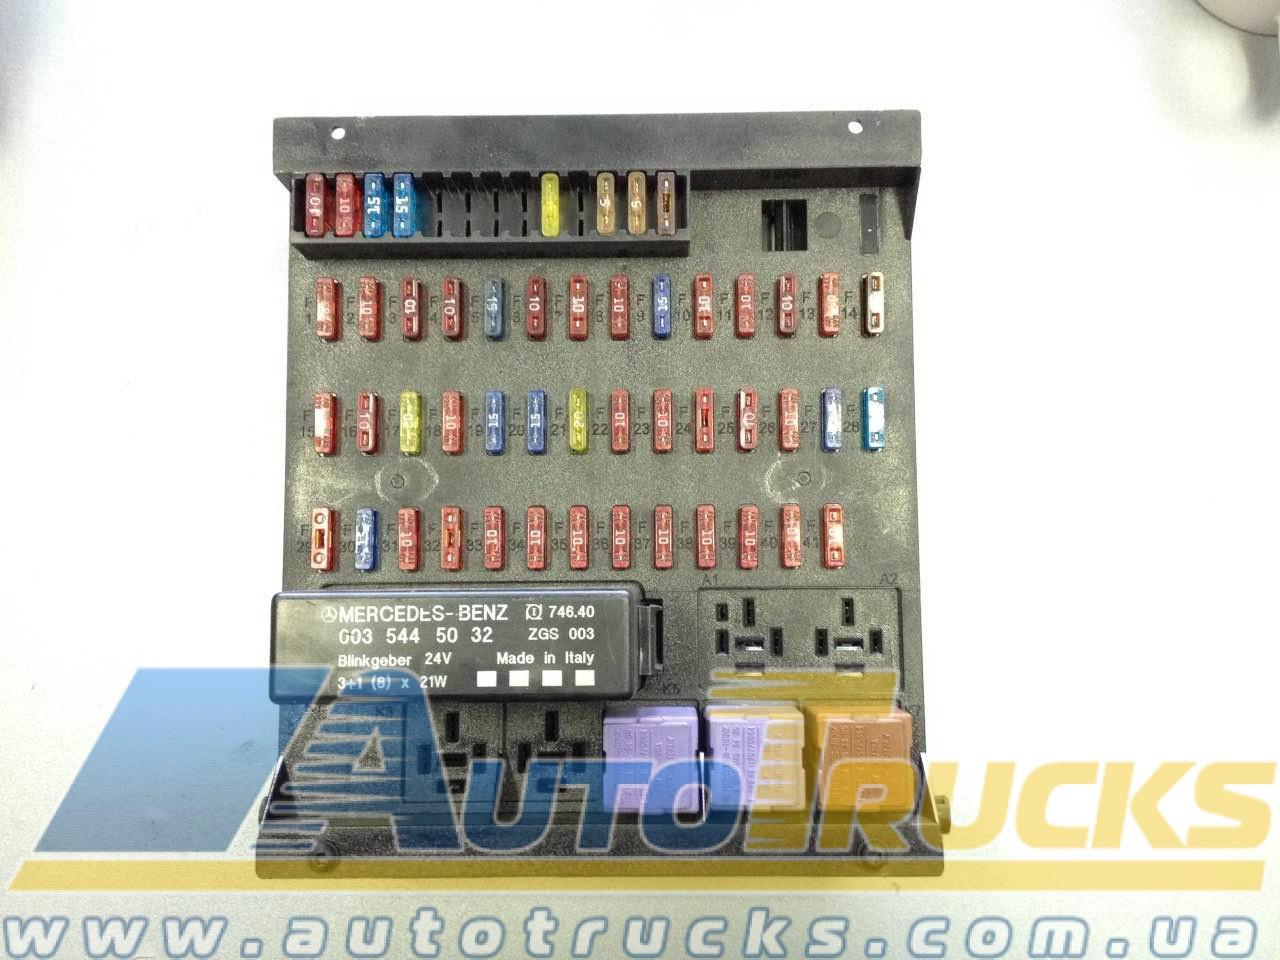 Блок керування БЛОК ЗАПОБІЖНИКІВ Б/у для Mercedes-Benz (9415422034; 0015433115; 0035445032; 0045453405; 0045453305; 8JE007377-01)